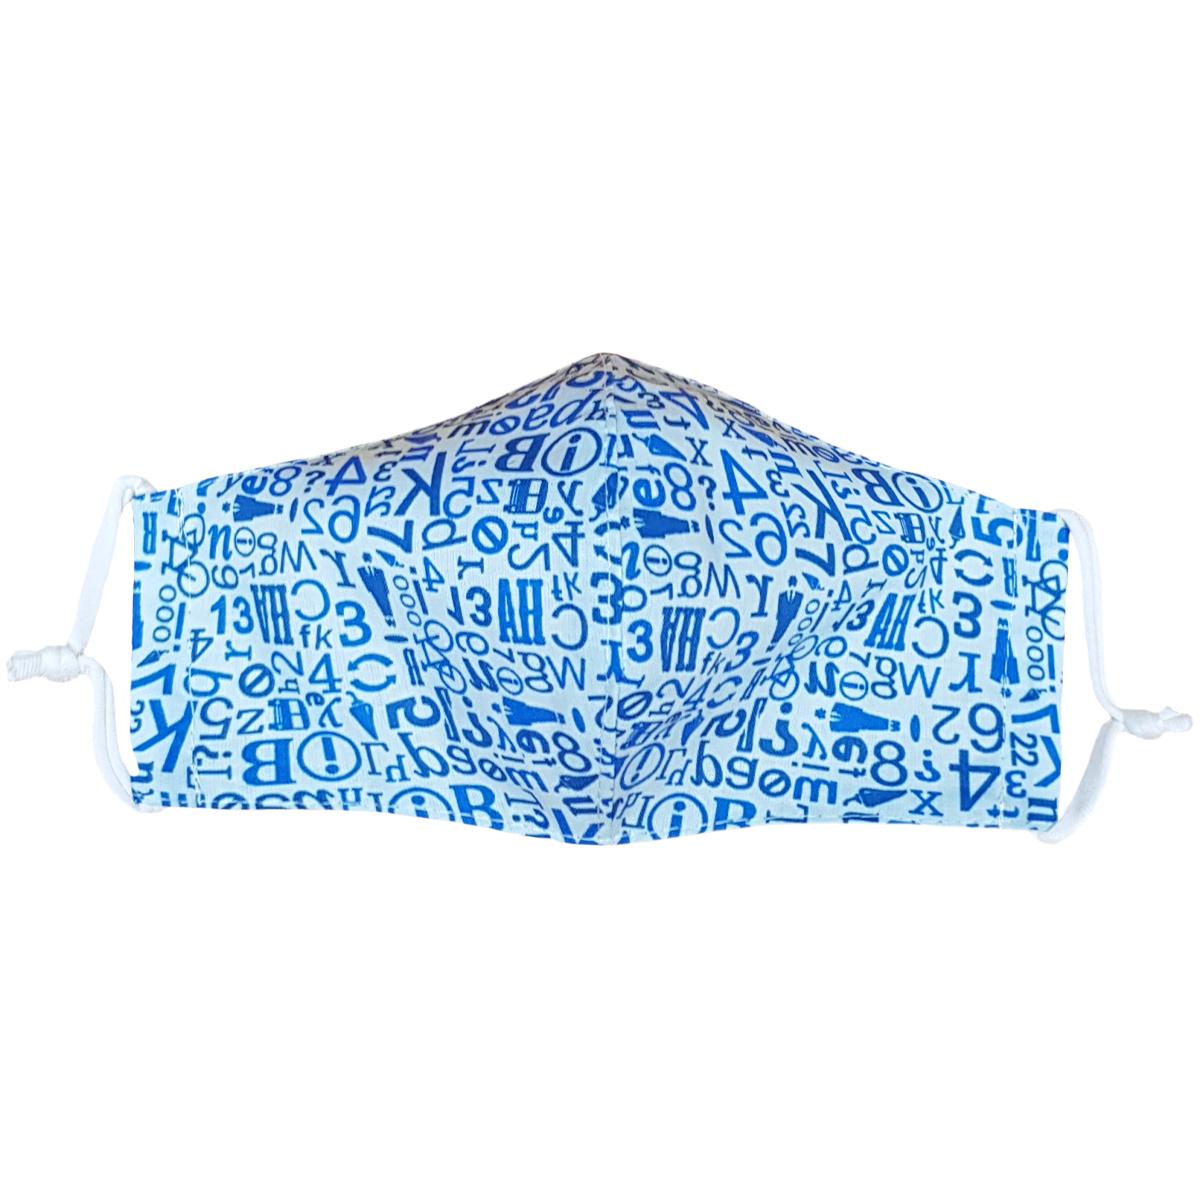 Ústne bavlnené rúško Písmenká modrá - deti 7 - 14 rokov, S (7 - 14 rokov)